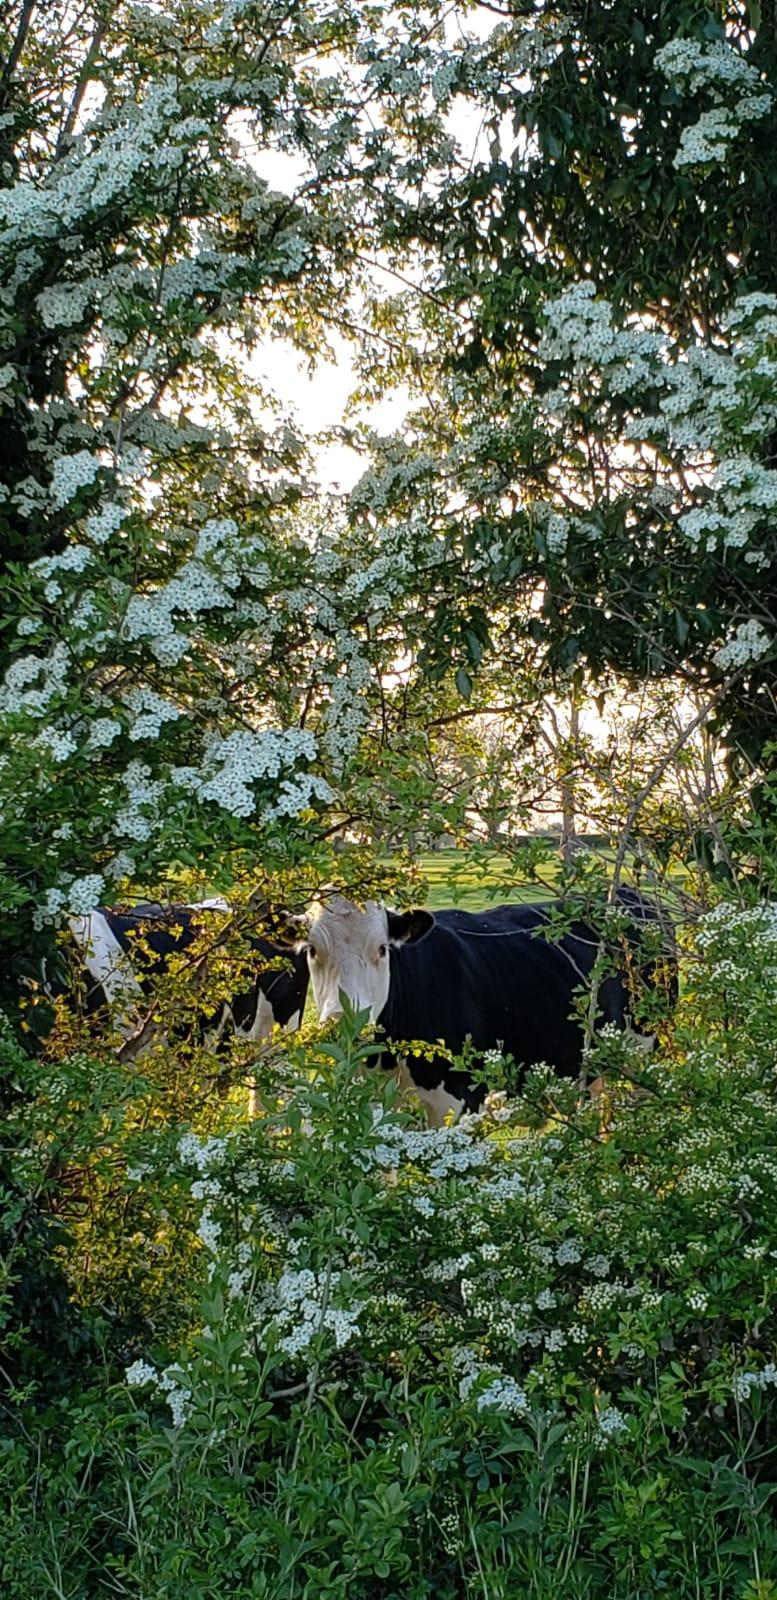 Adare vegan farm